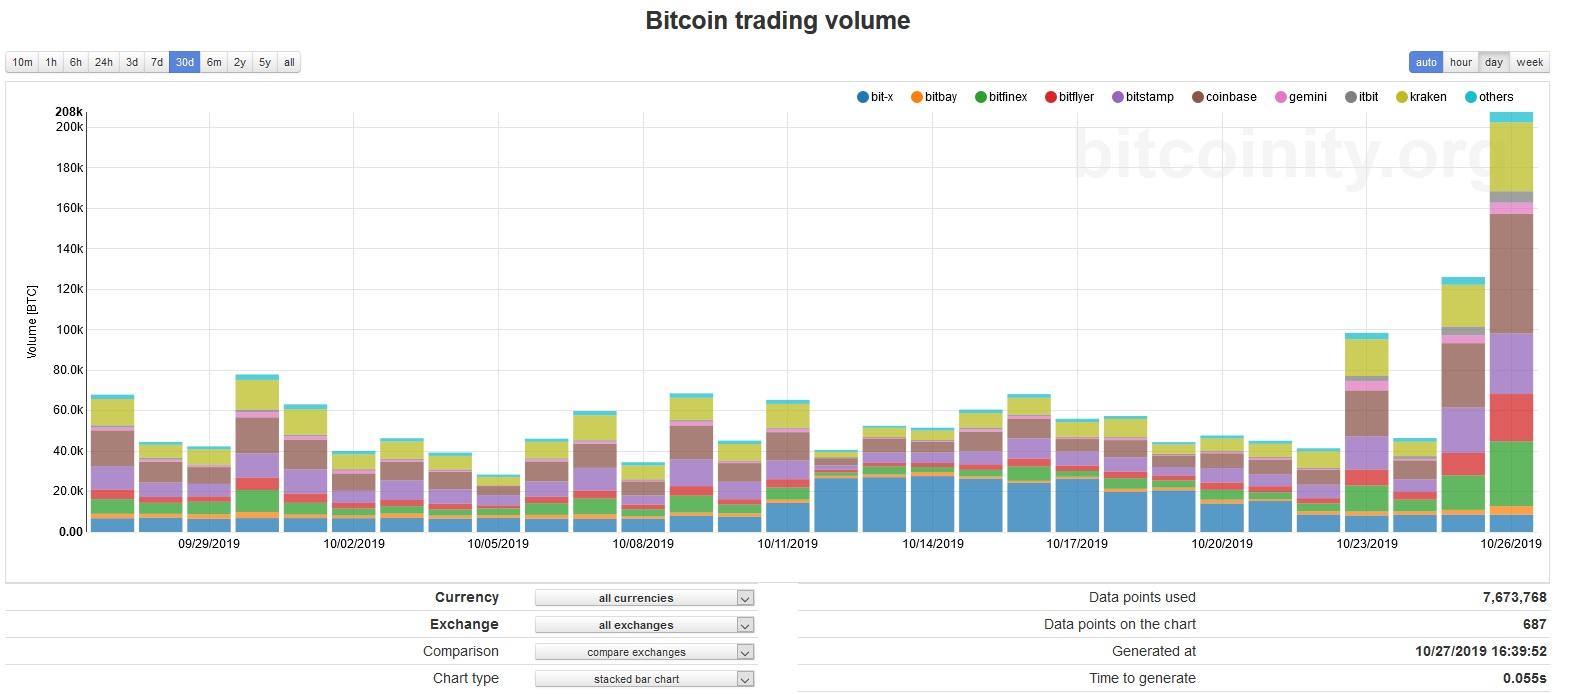 Bitcoin volume data